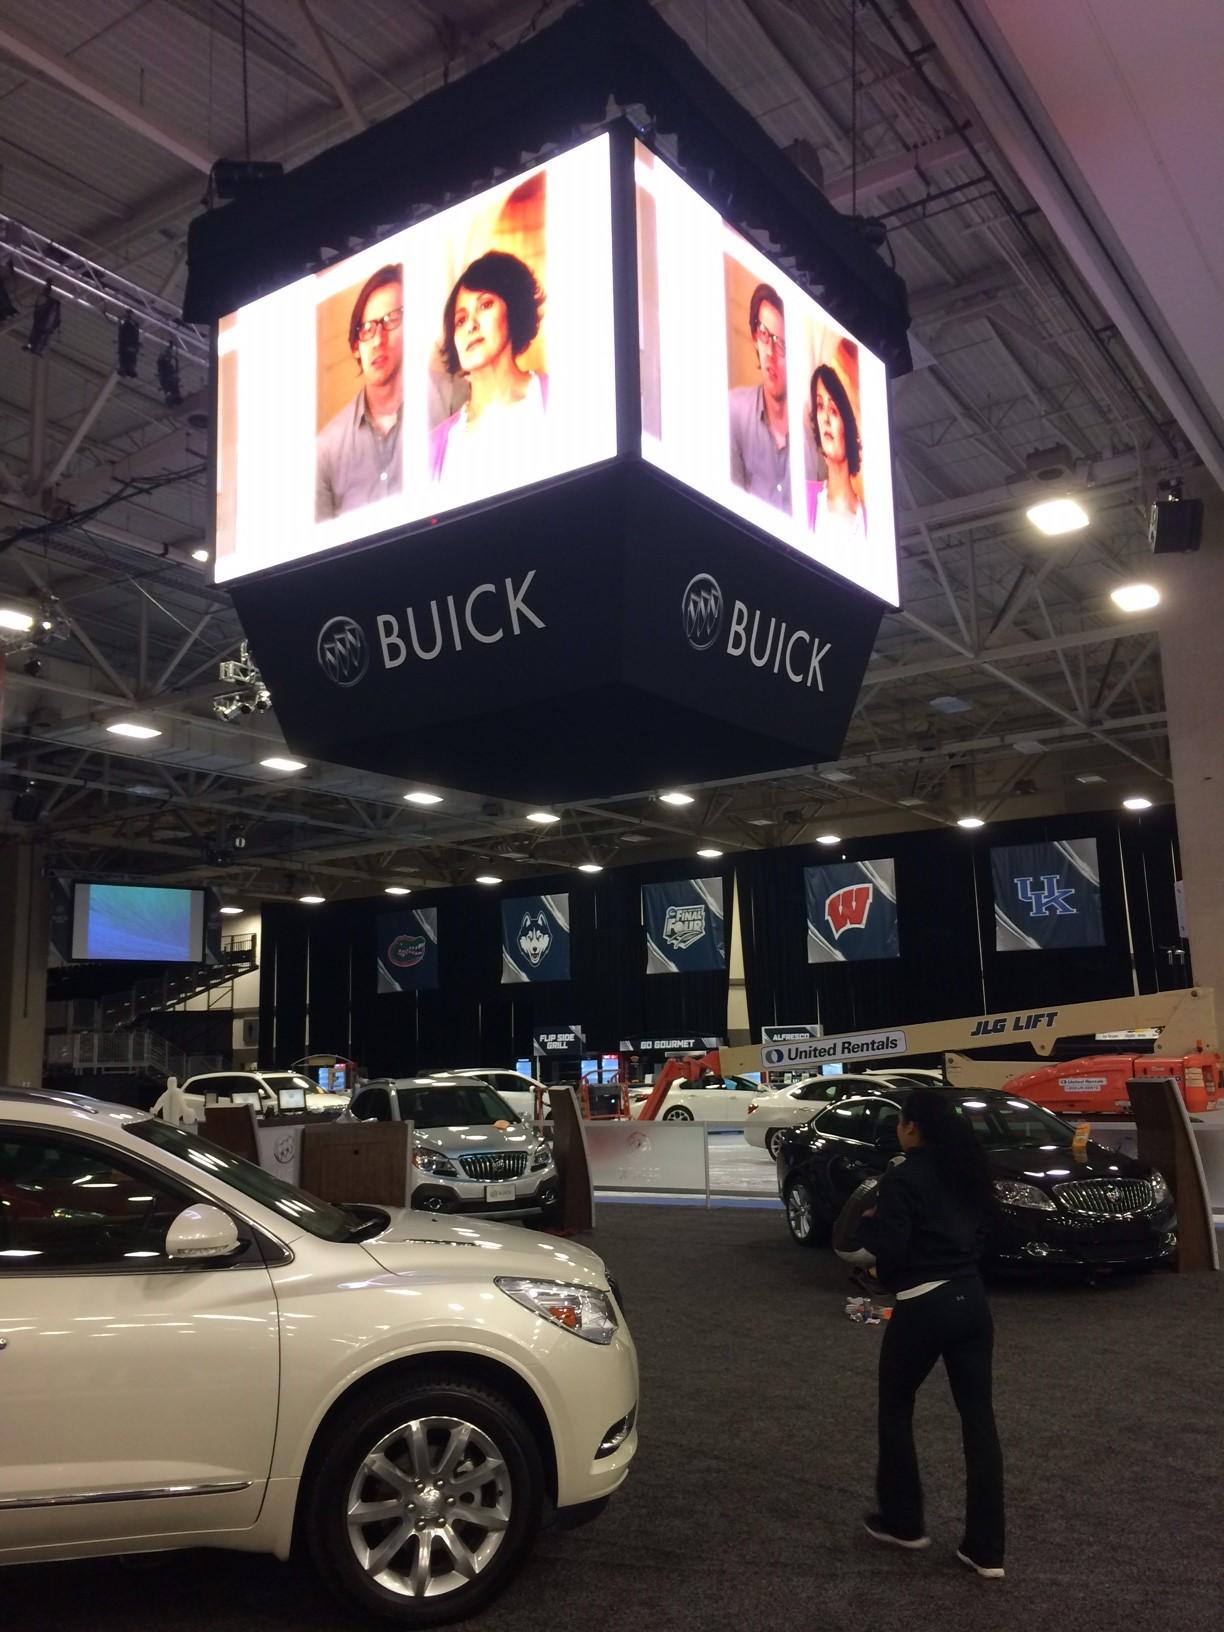 Buick Scoreboard.JPG